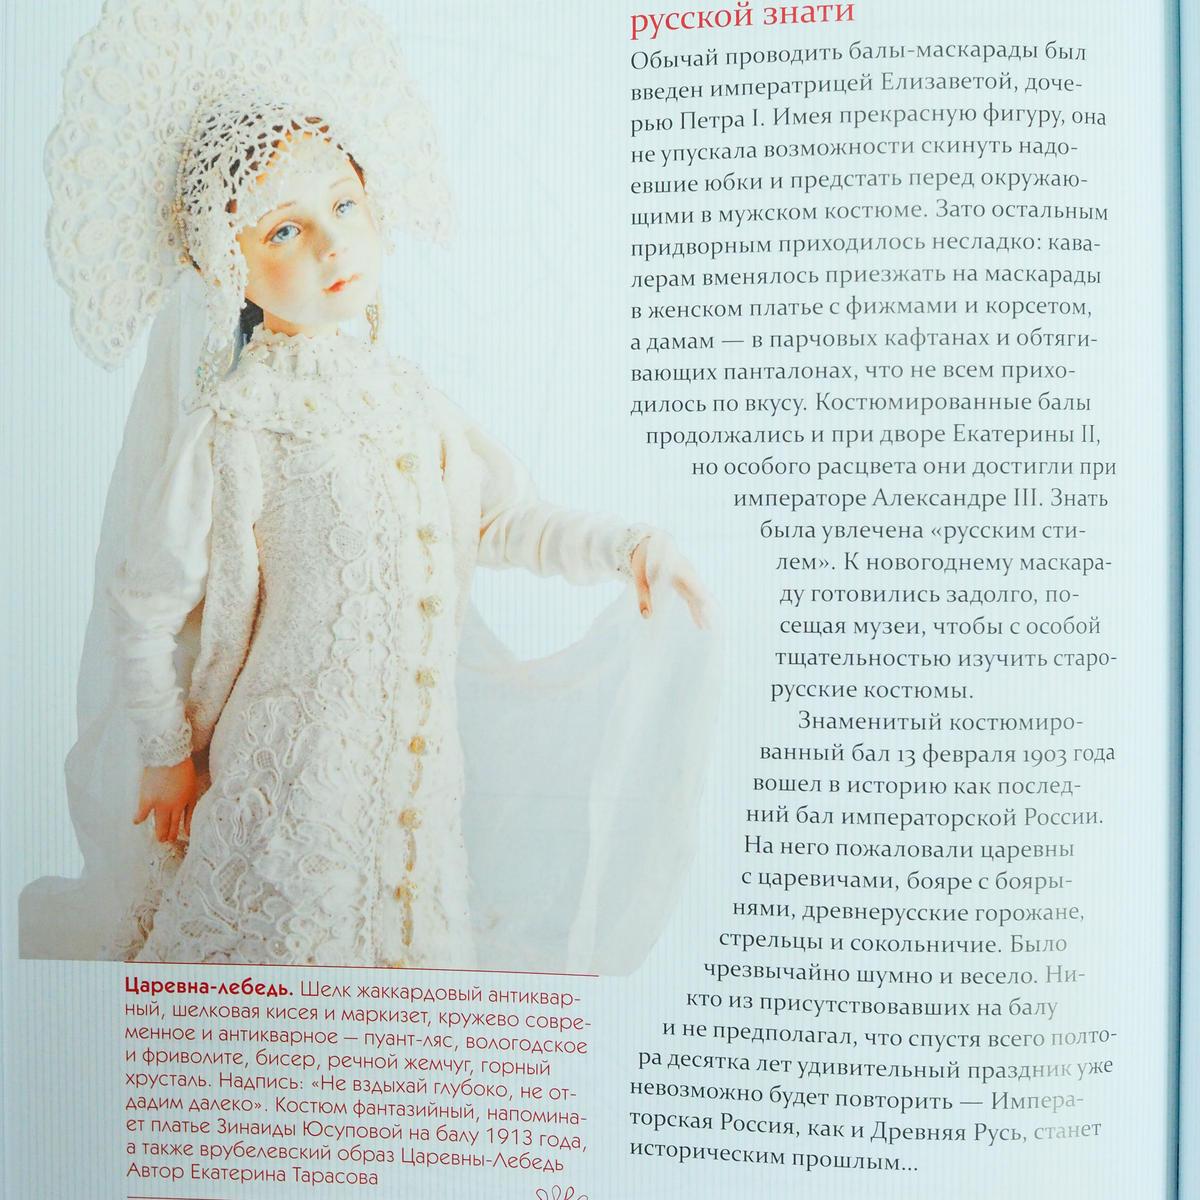 ロシア・東欧のアート書籍専門店イスクーストバ            ロシアの民族衣装大全